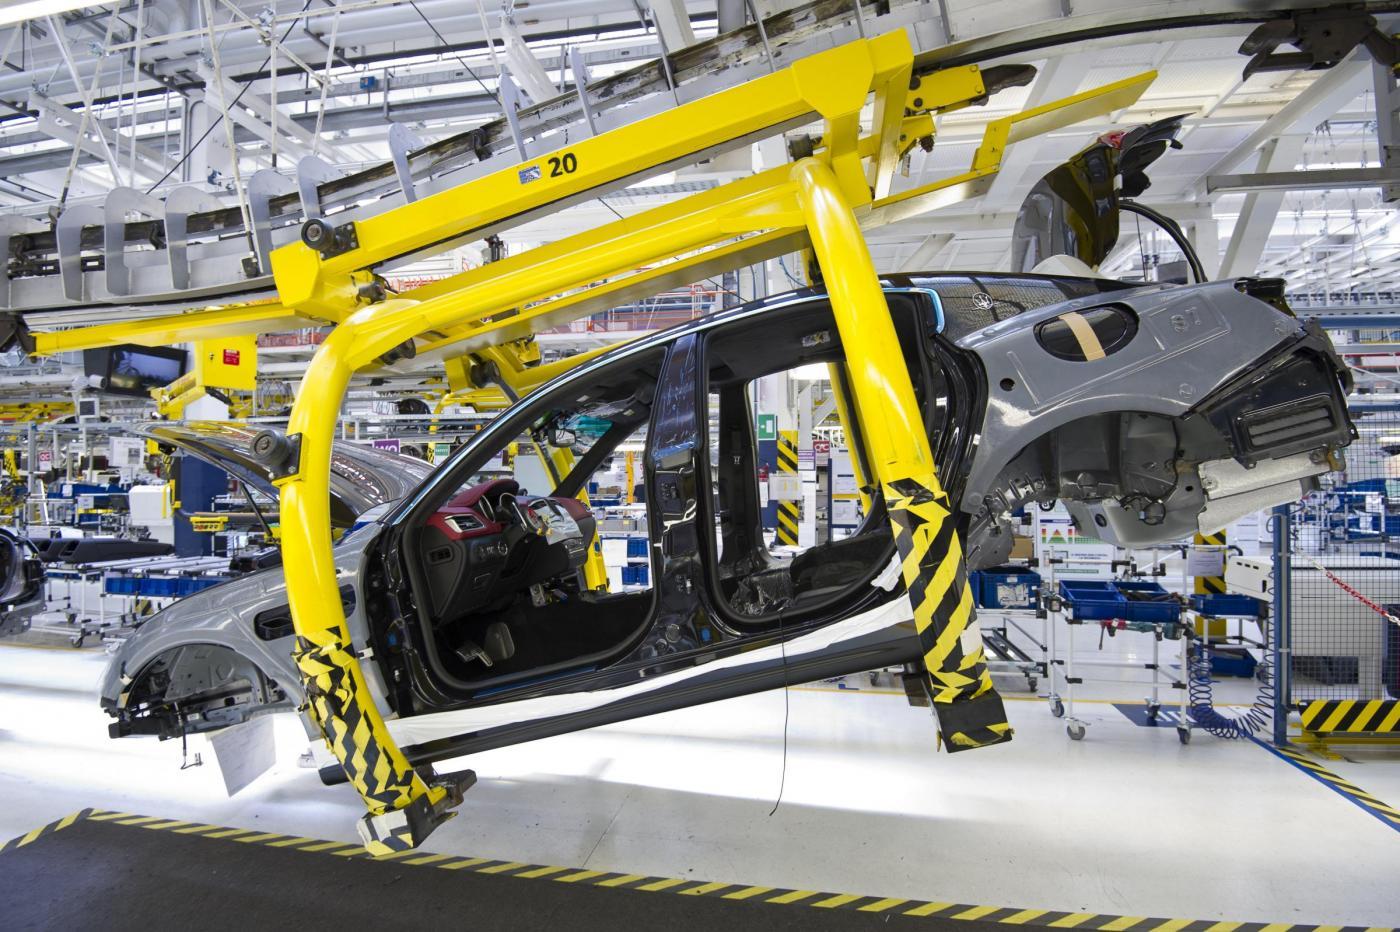 Produzione industriale in salita, +1,7%: impennata del settore auto con +42%